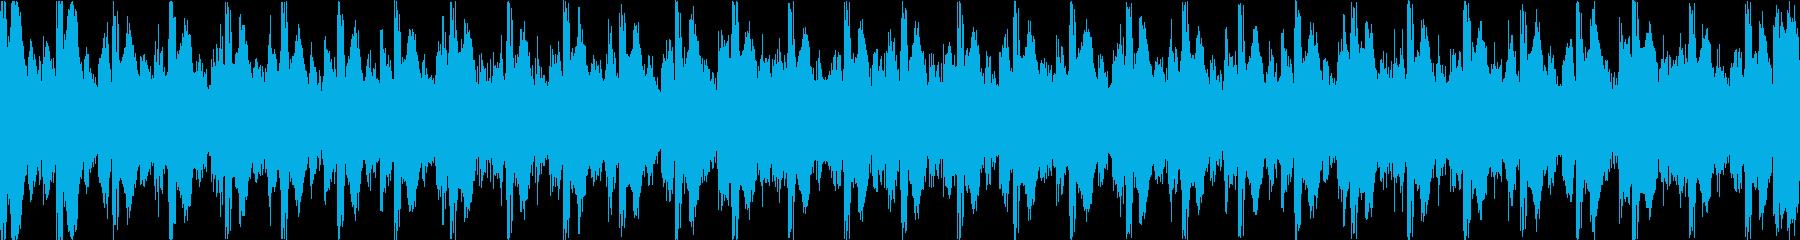 【ループC】クールなテクノトラックの再生済みの波形